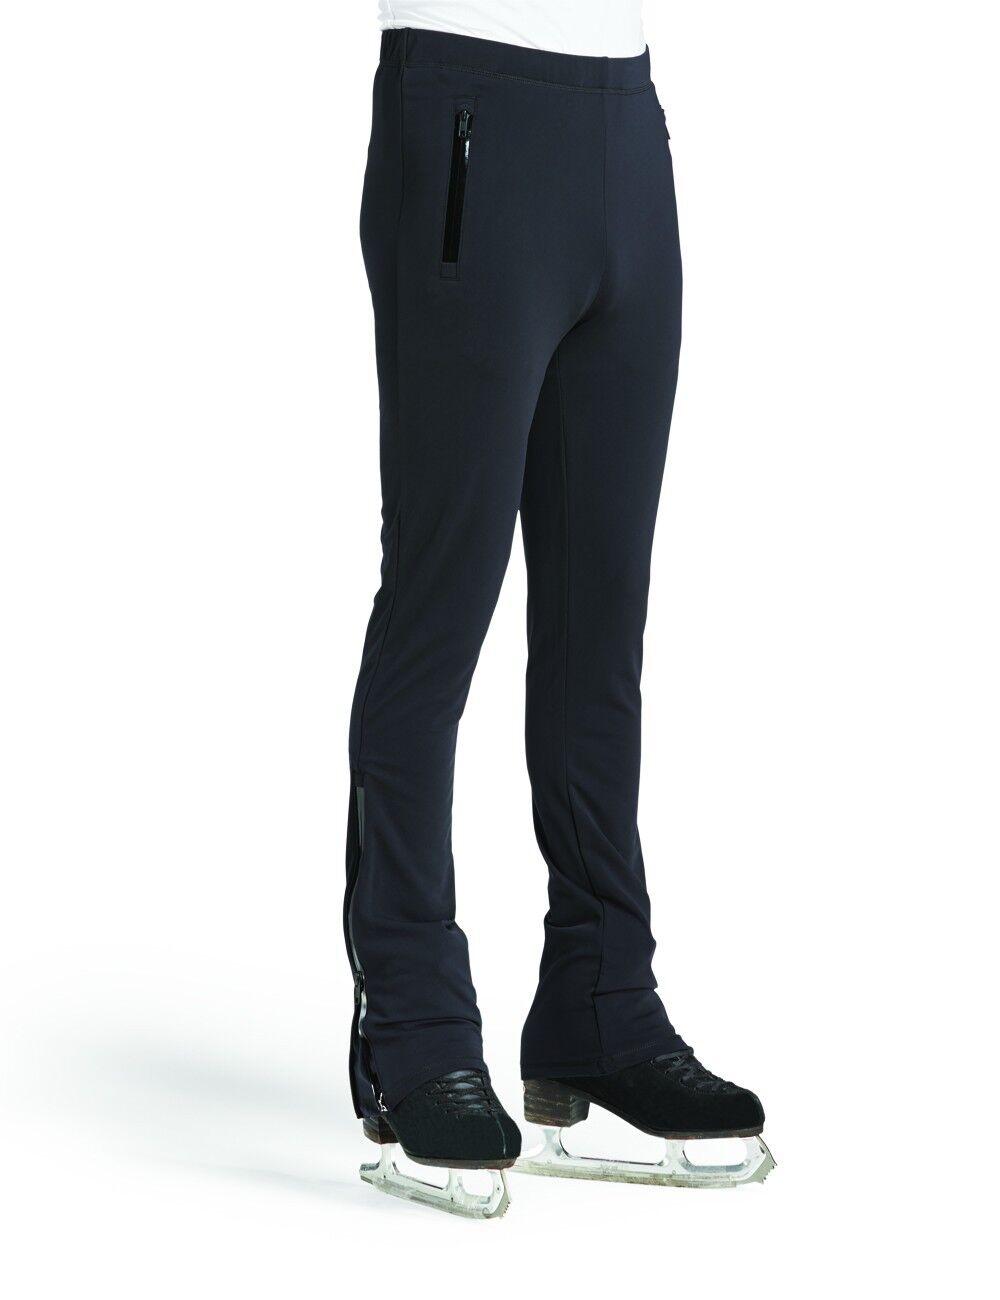 New MONDOR POWERFLEX Men Skating Pants 01041 MADE ORDER 1 to 2 WEEKS